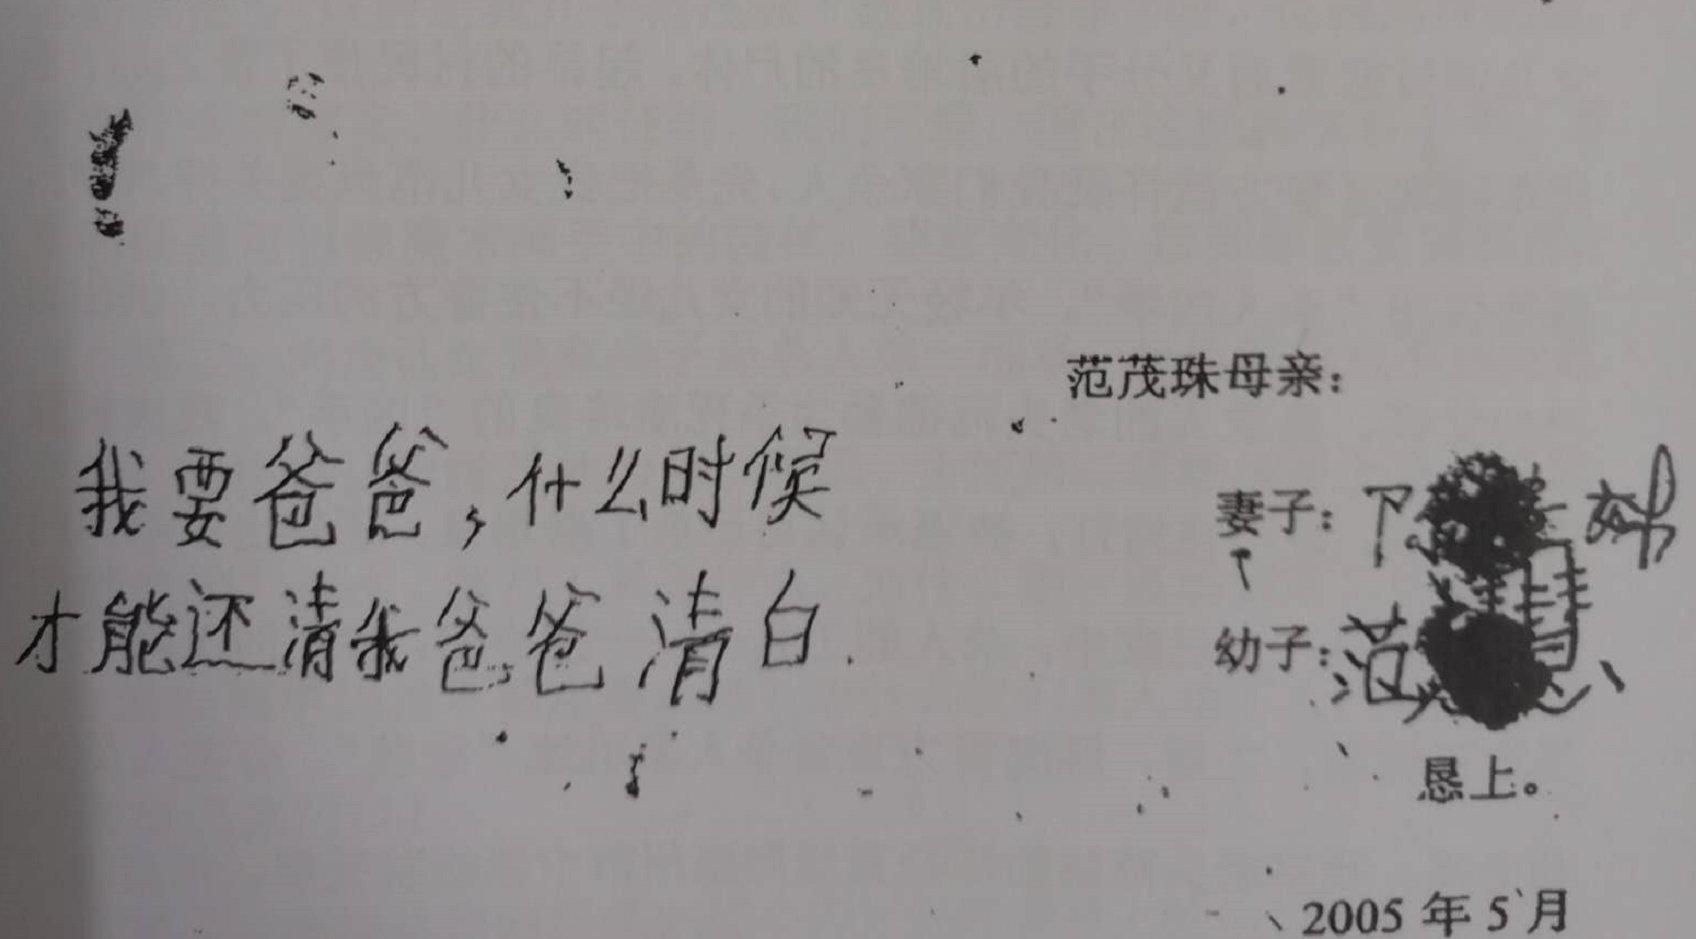 《满江红》的作者不是岳飞